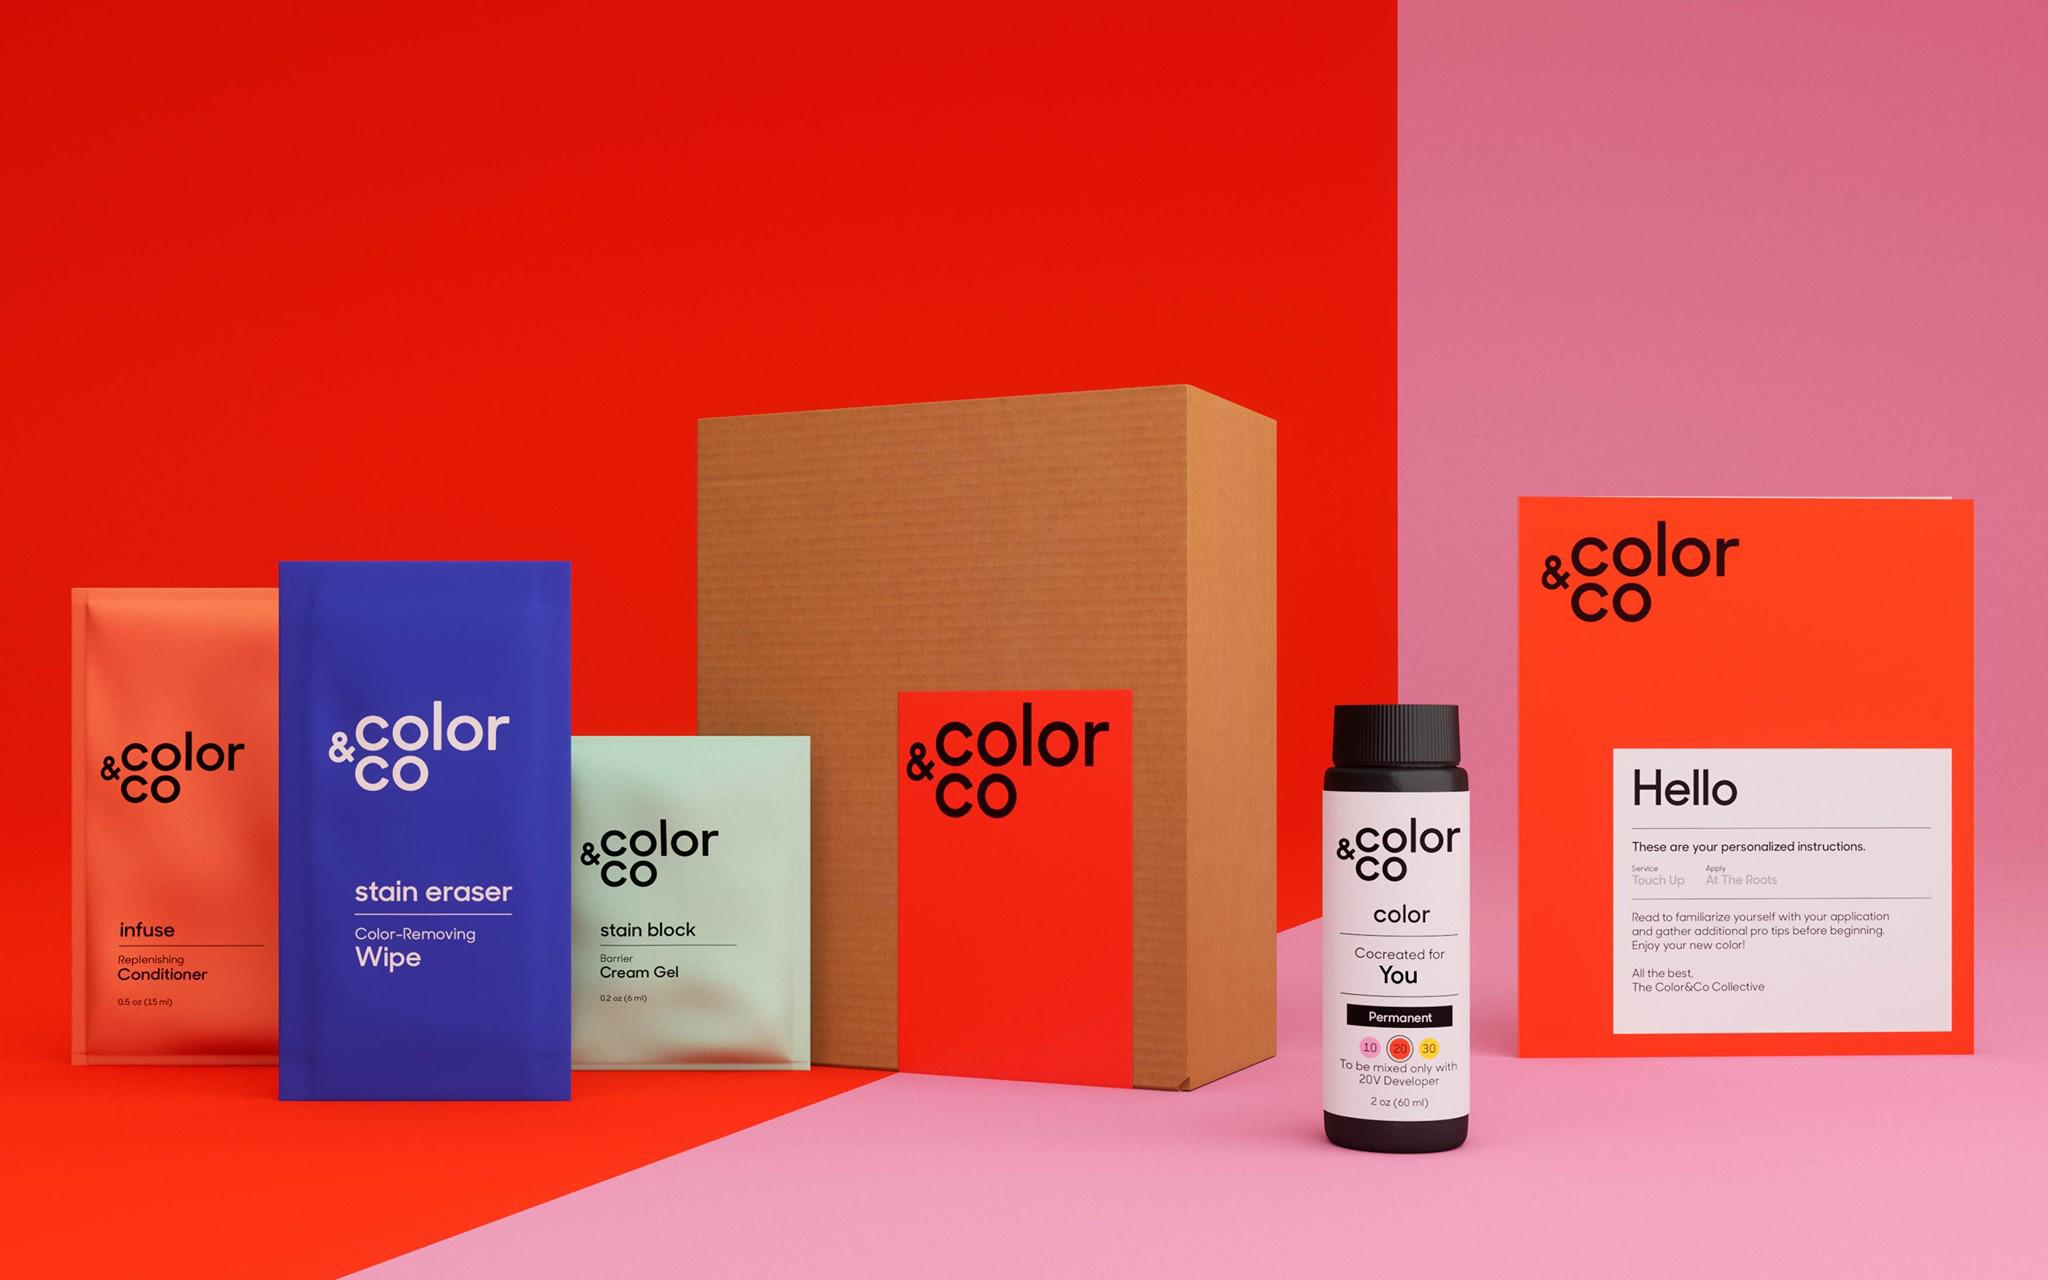 欧莱雅推出个性化染发品牌 Color&Co,提供一对一在线咨询与订阅服务